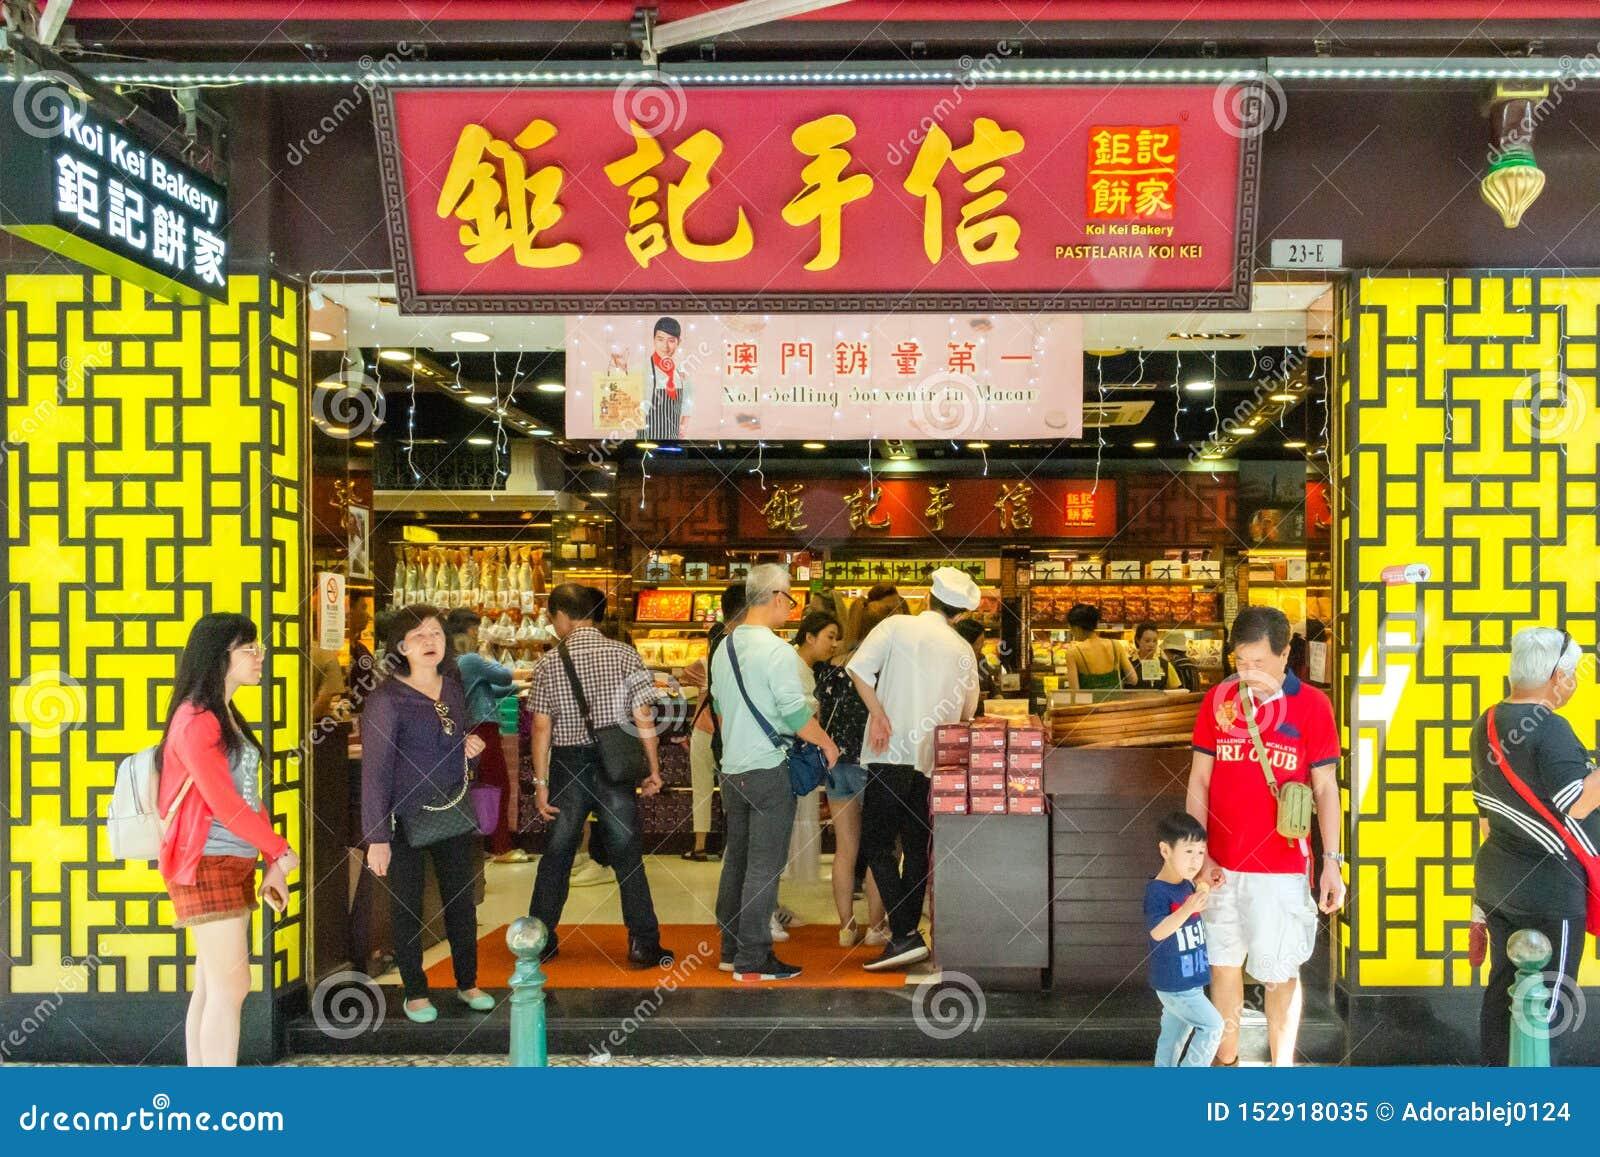 小井Kei面包店